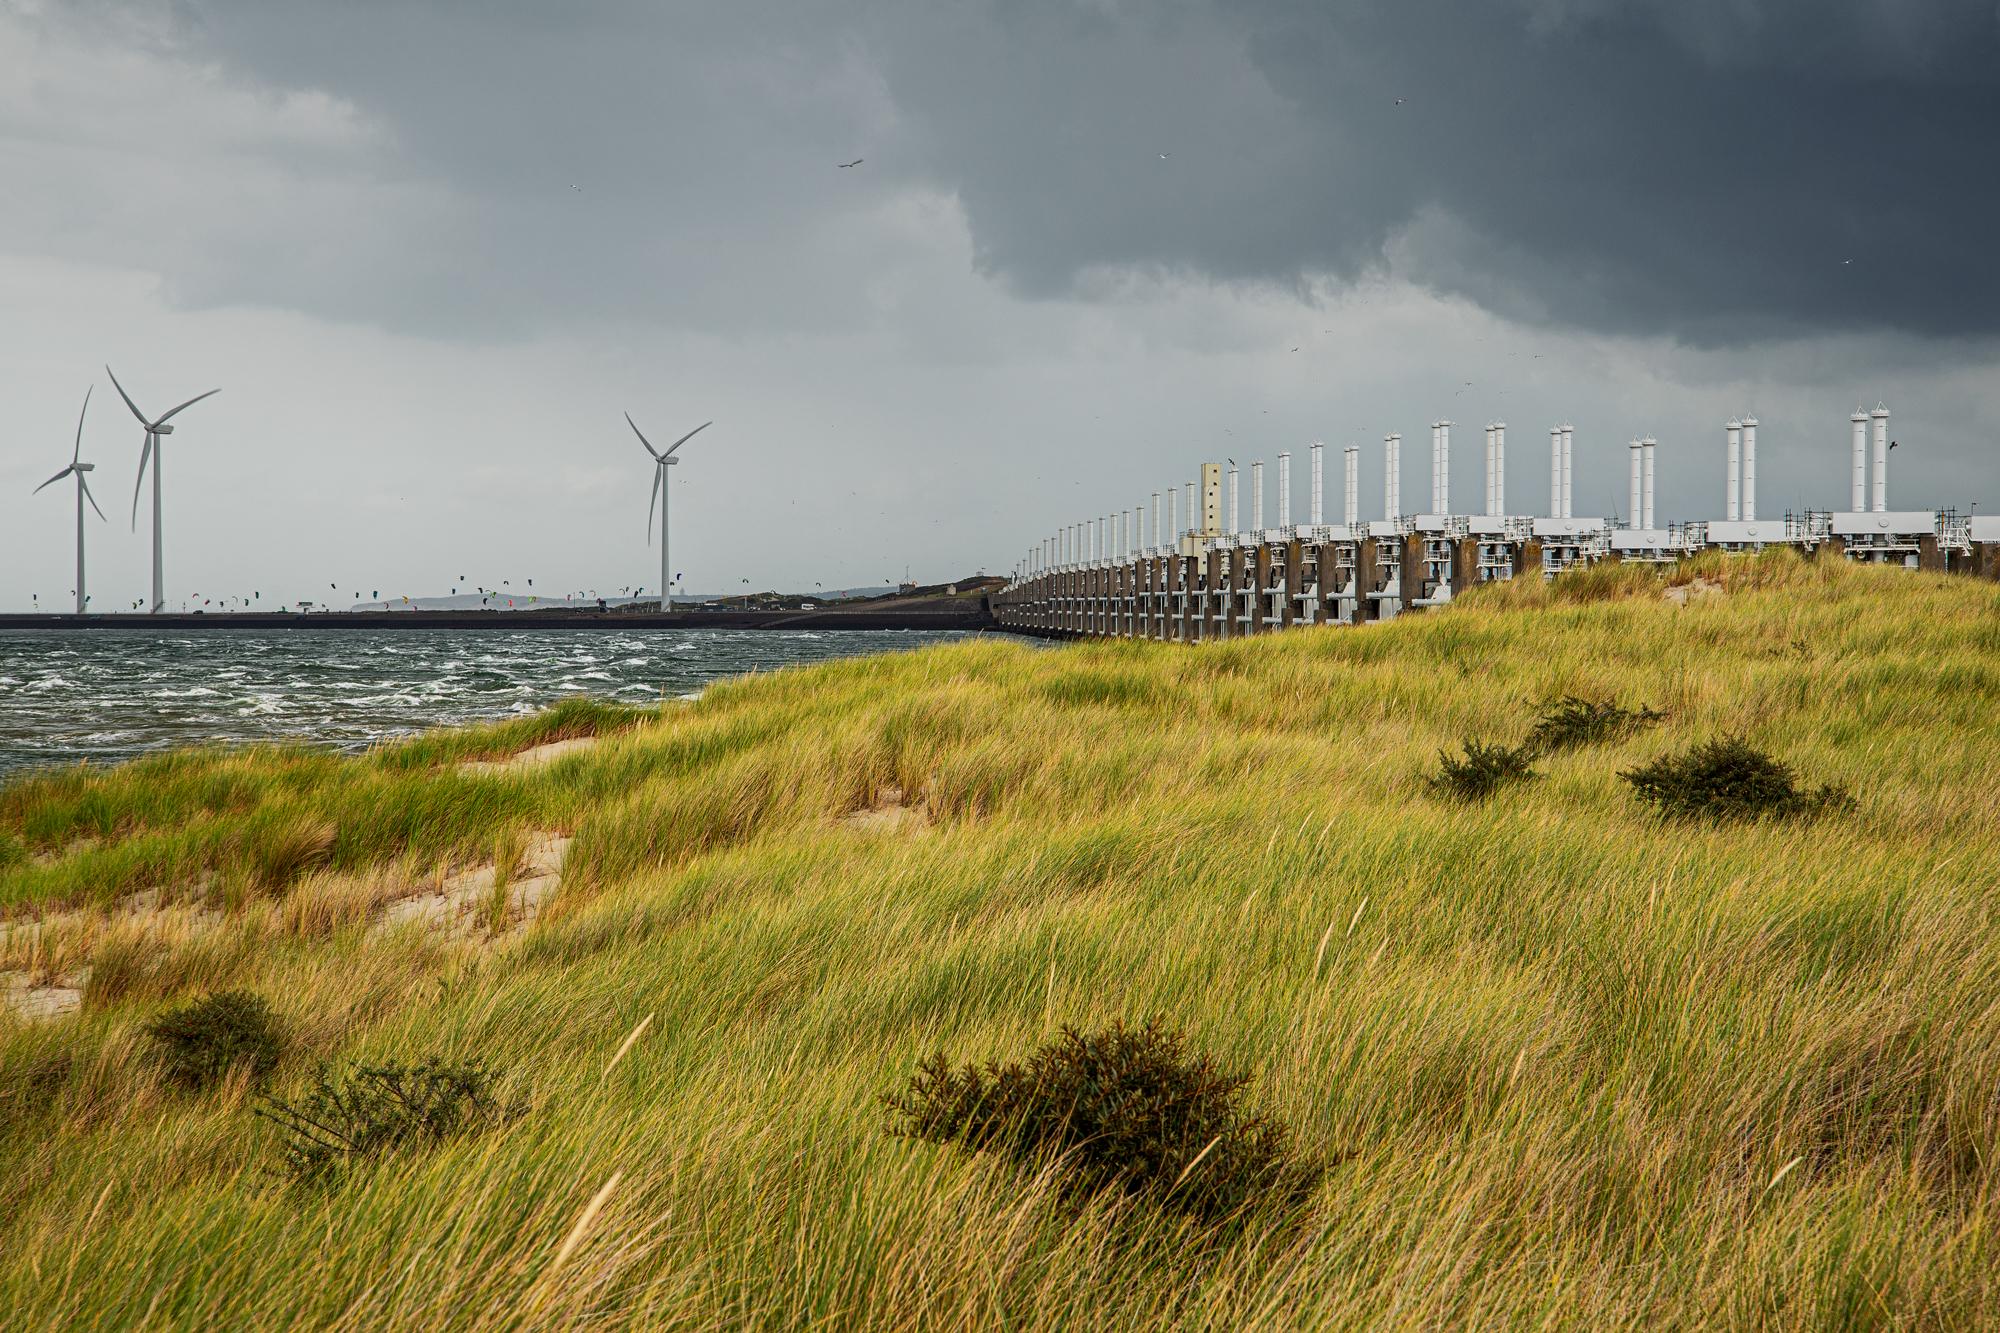 Oosterscheldekering / Oosterschelde brigde (Delta works), Netherlands